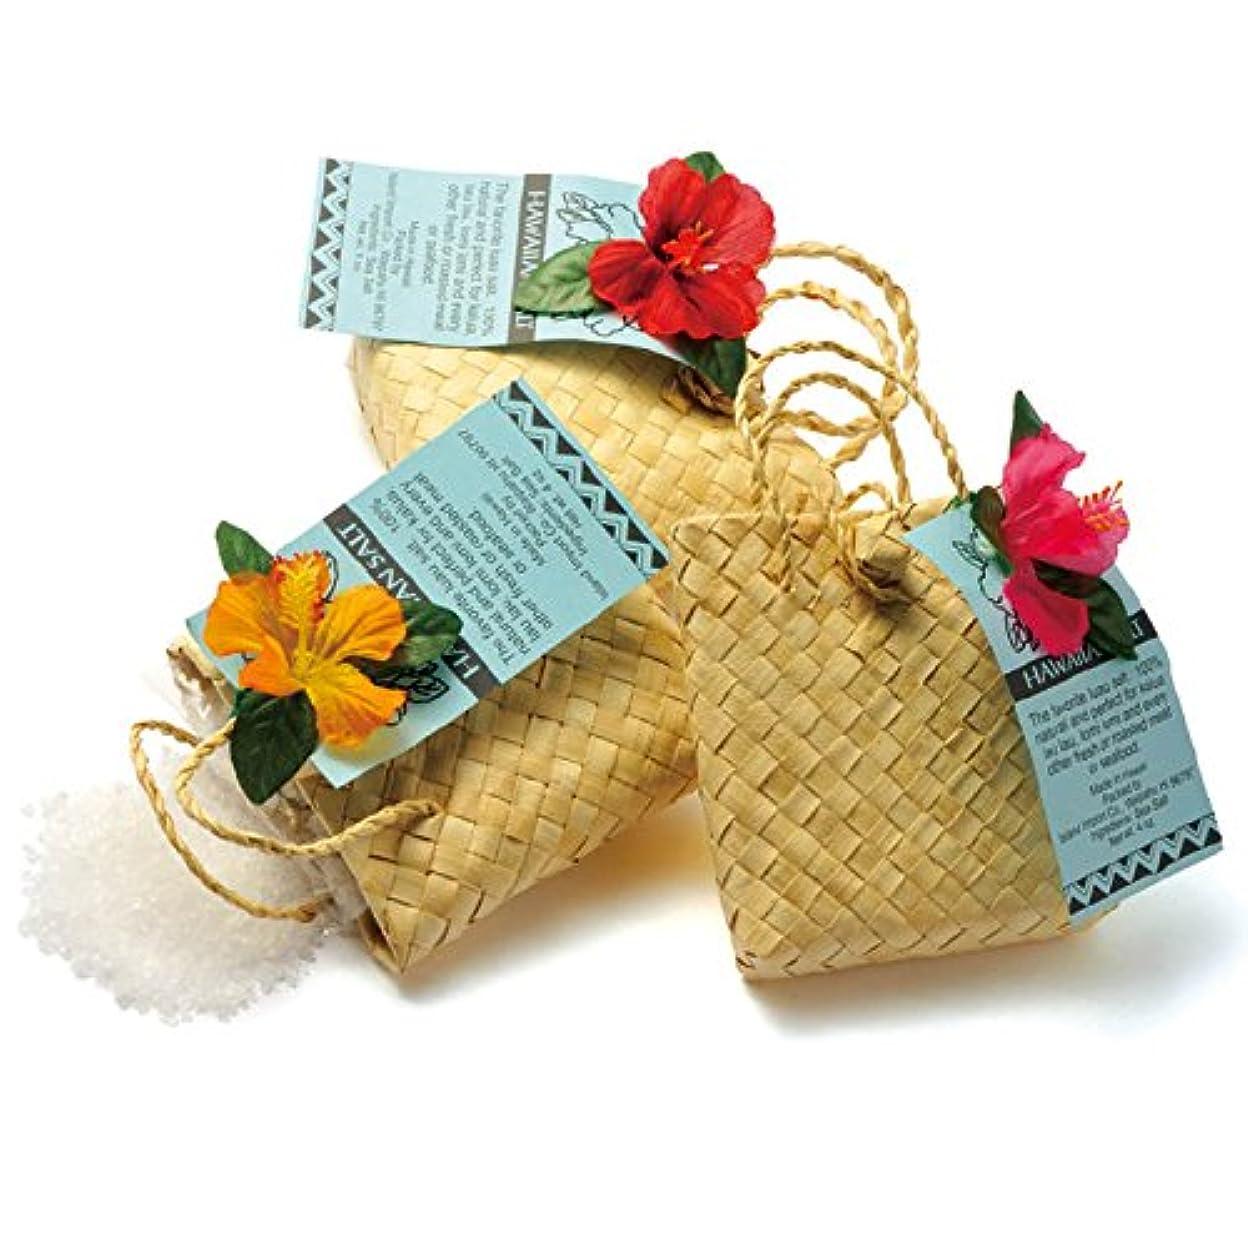 公減る体操ハワイ 土産 ハワイ ソルトバッグ入り 3袋セット (海外旅行 ハワイ お土産)